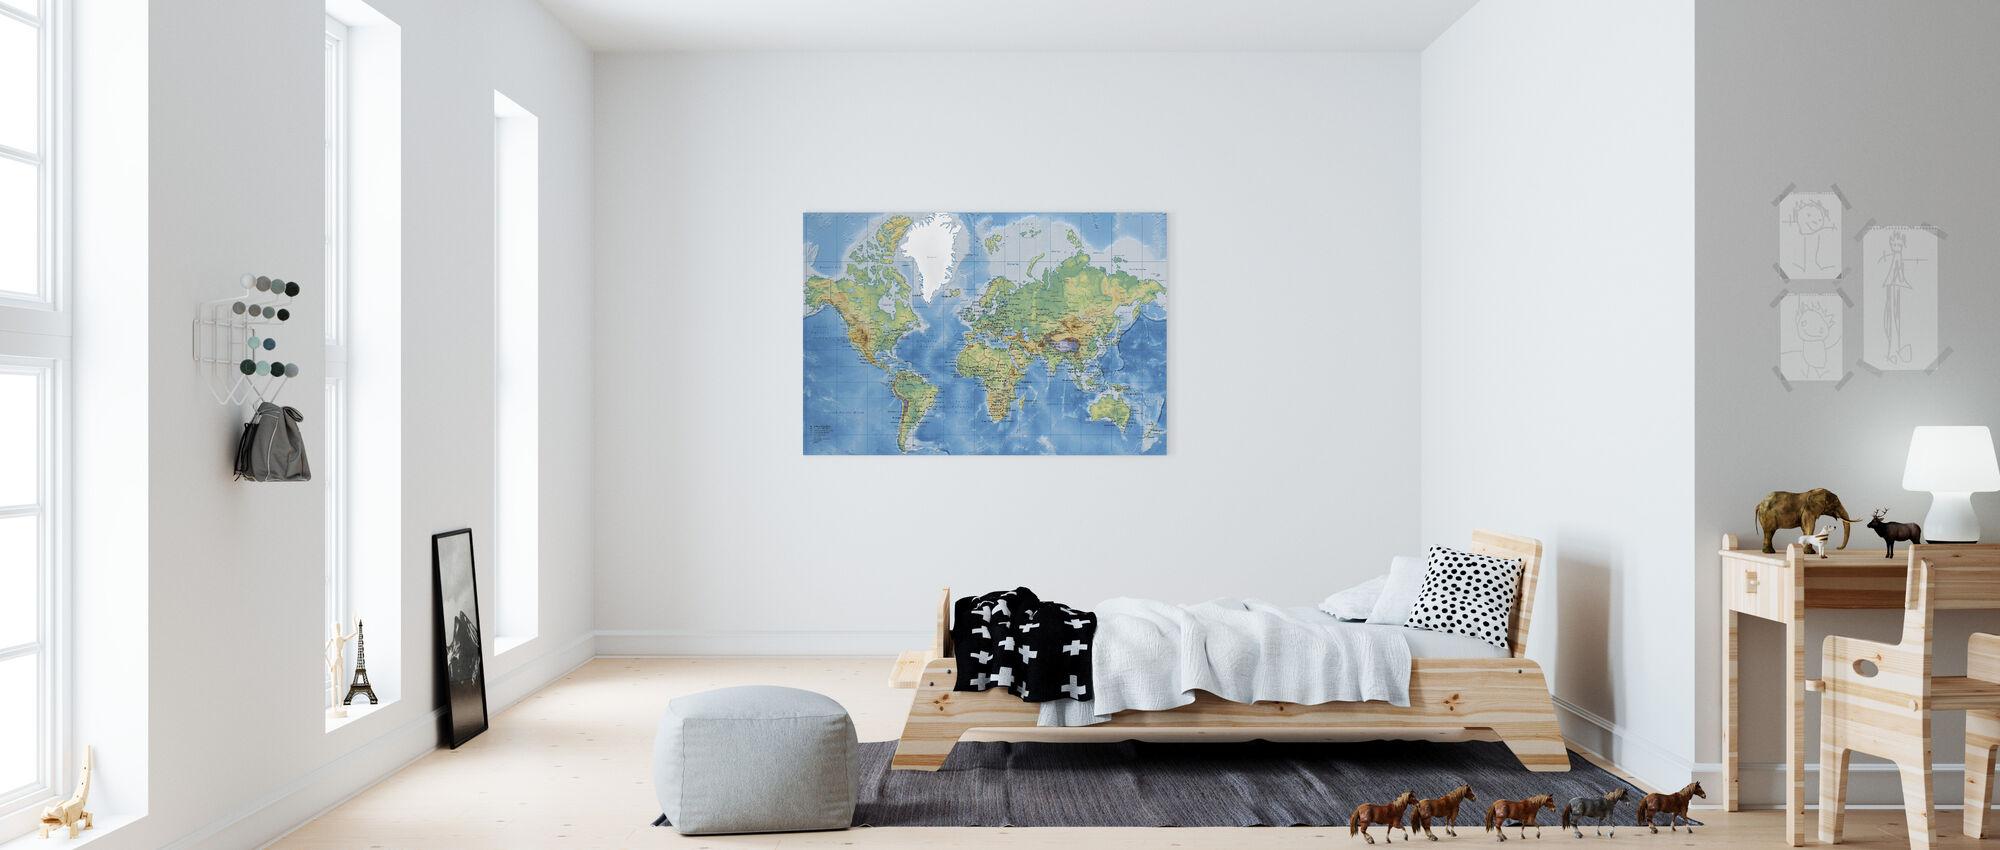 World Map Detailt - Billede på lærred - Børneværelse